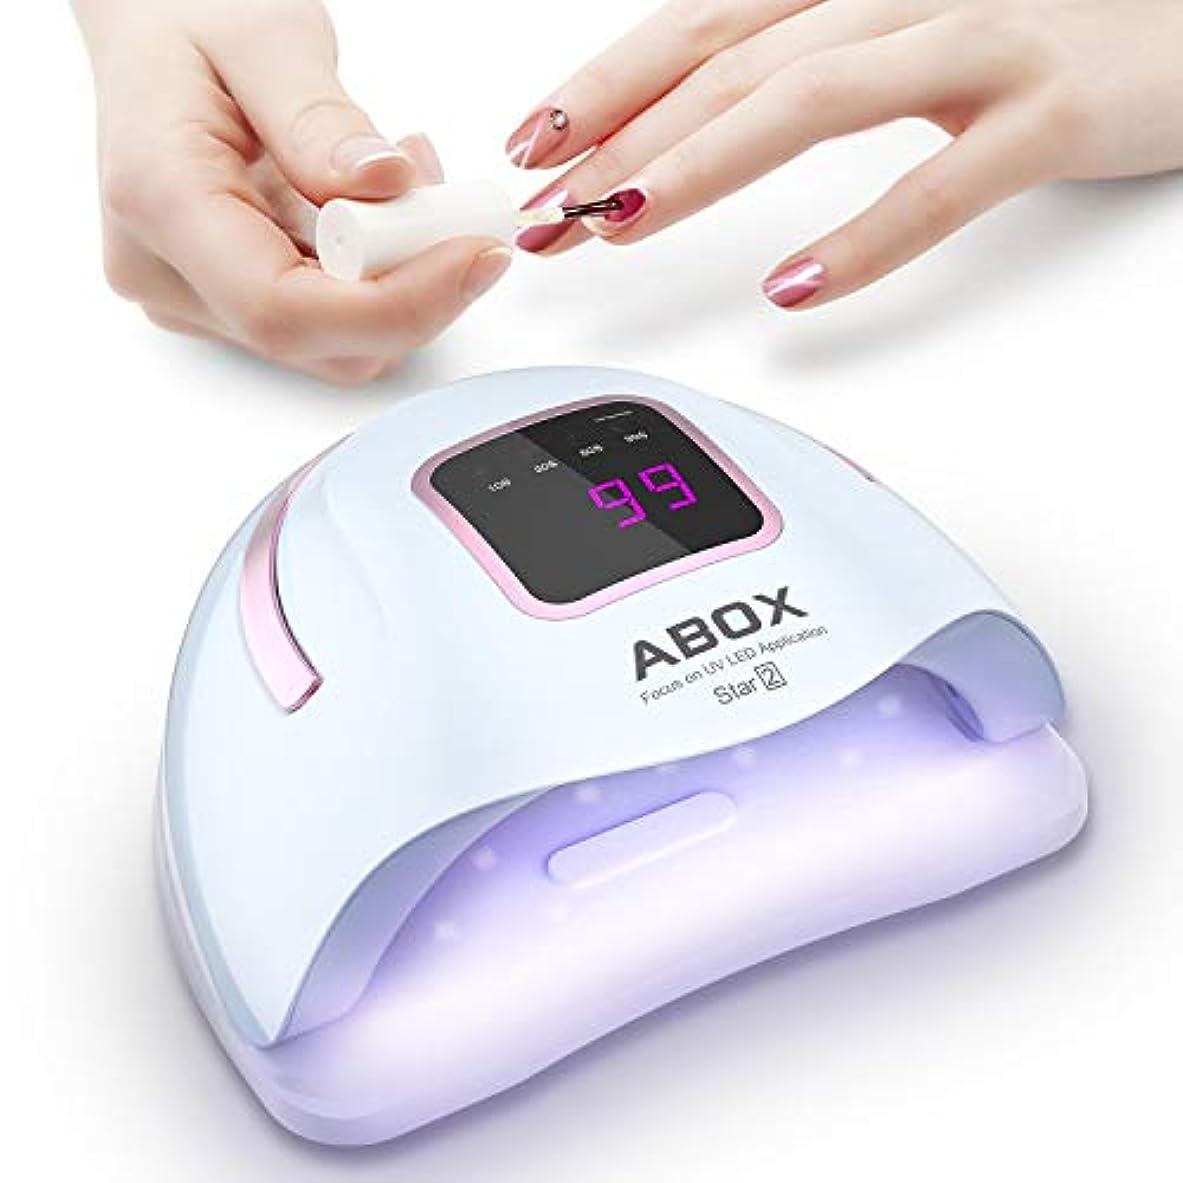 膨らみ移民億ネイルドライヤー ABOX 72W 硬化用UV+LEDライト 4段階タイマー付き 自動センサー 携帯便利 ポリッシュもジェルネイル対応 時間目安 日本語説明書付き